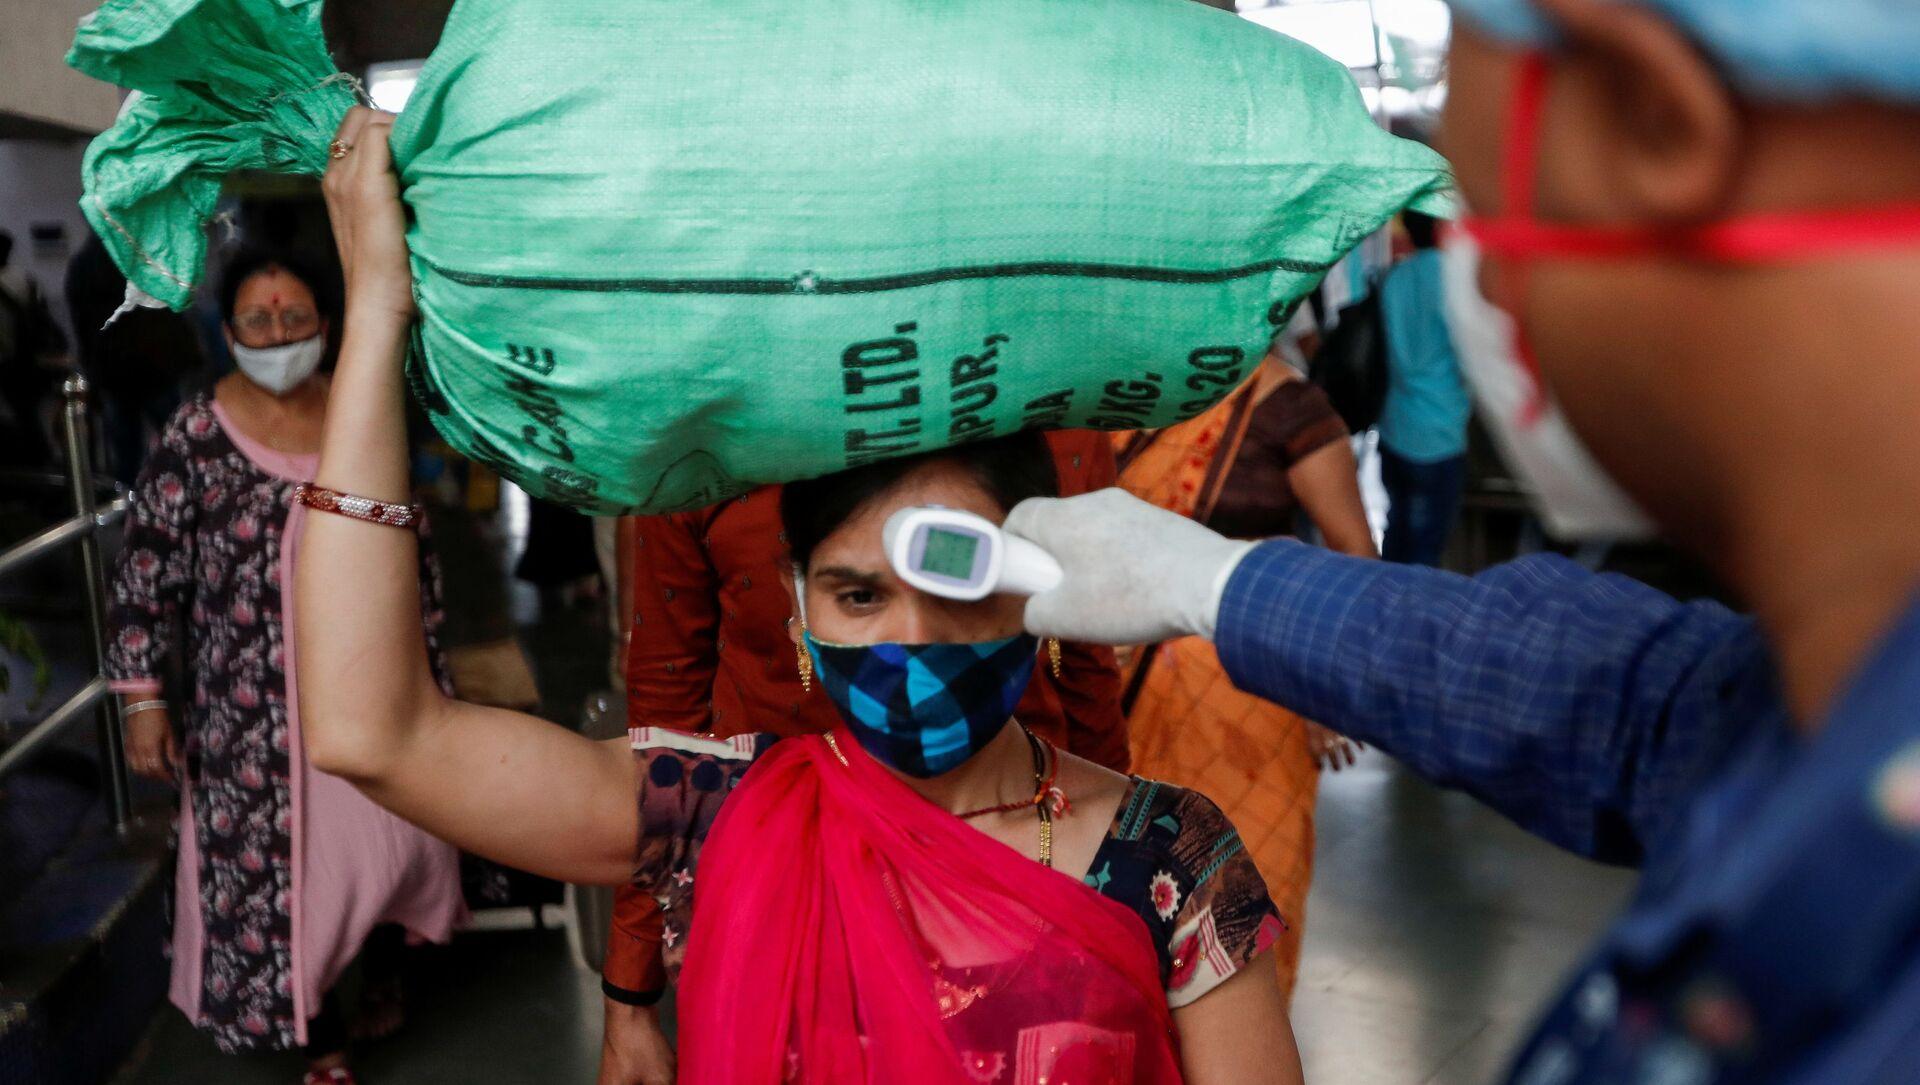 Un'operatore sanitario controlla la temperatura di una passeggera alla stazione di Mumbai, in India - Sputnik Italia, 1920, 16.04.2021